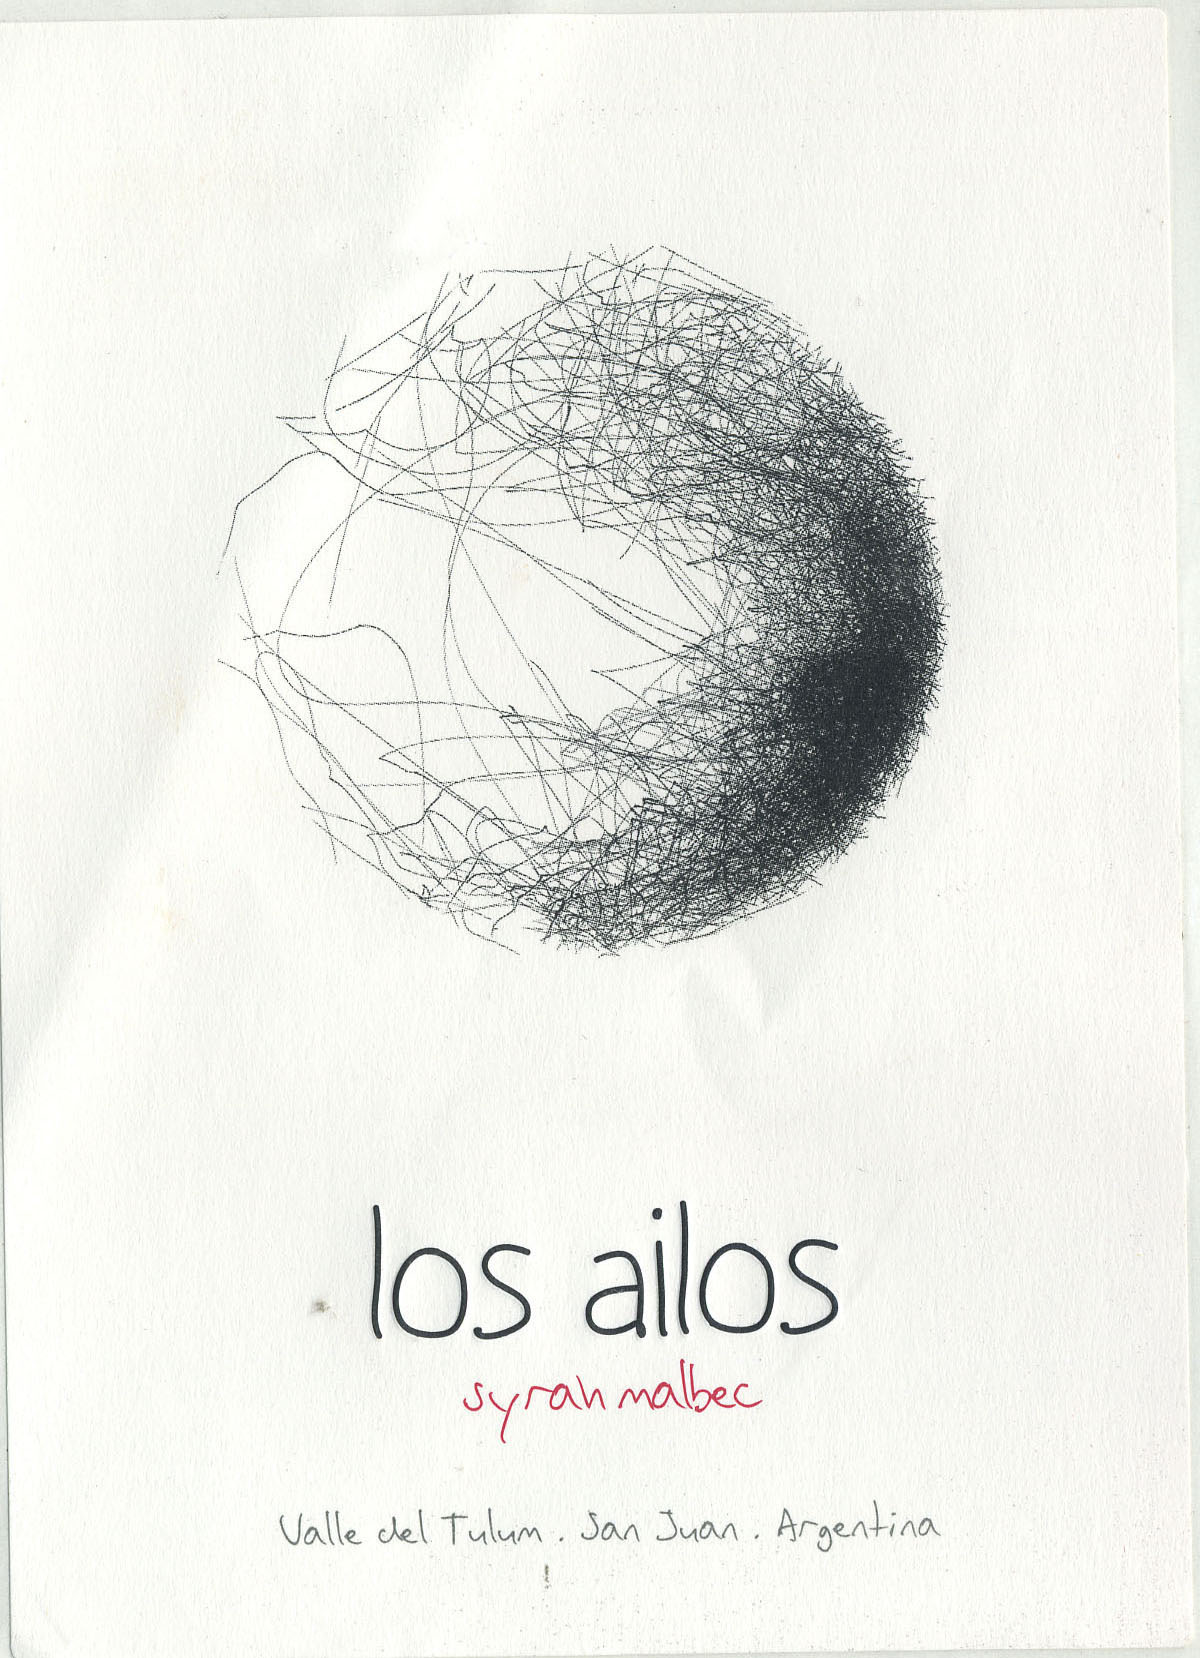 Los Ailos - Syrah Malbec